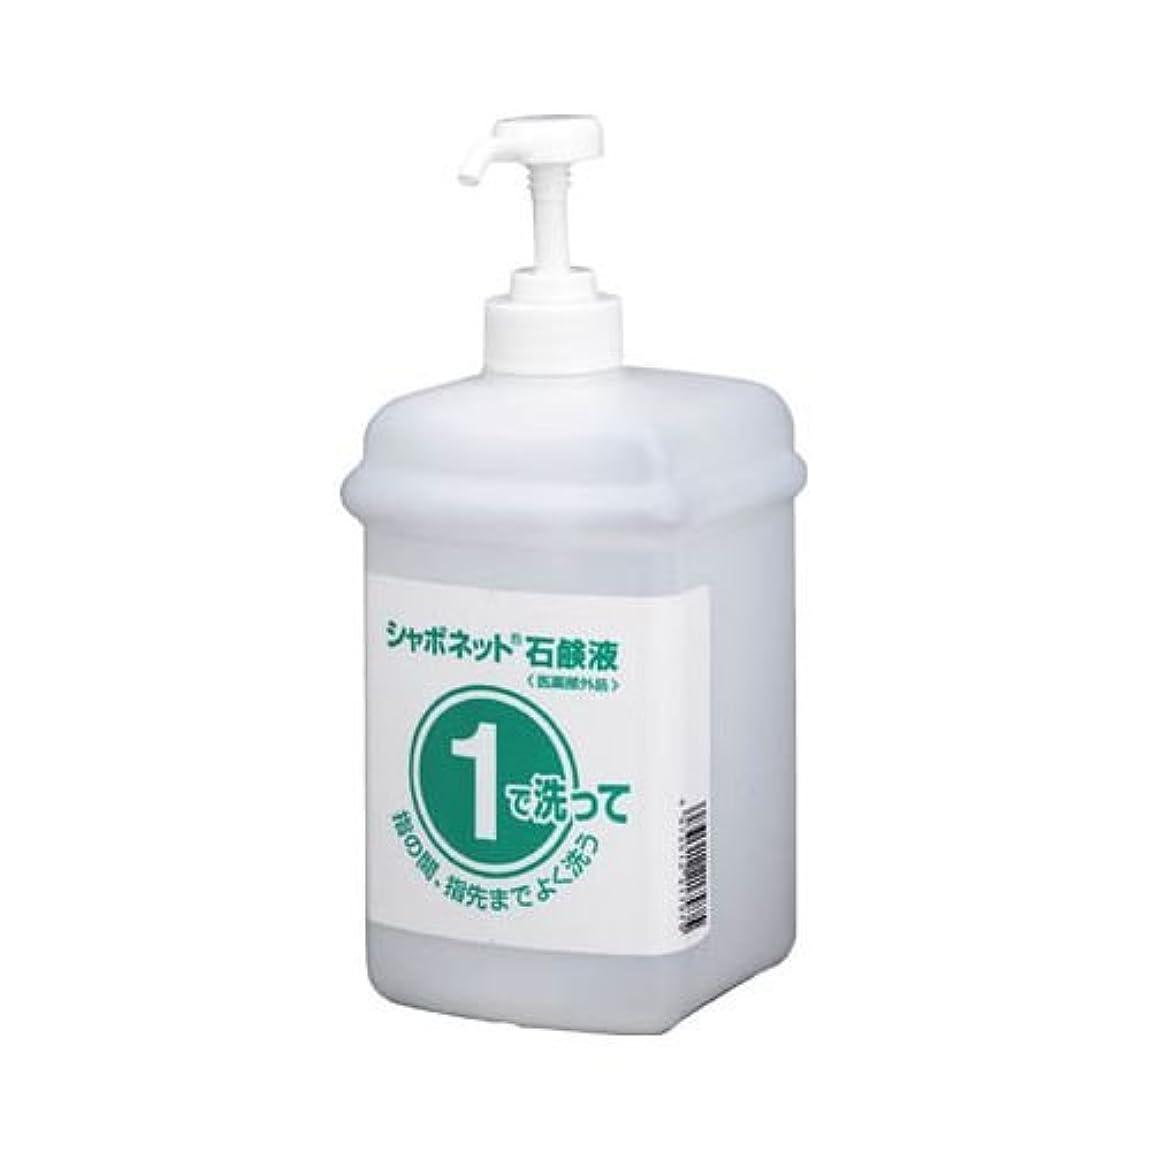 砲撃行くスプレーサラヤ 石鹸容器 1?2セットボトル 石鹸液用1L 21793